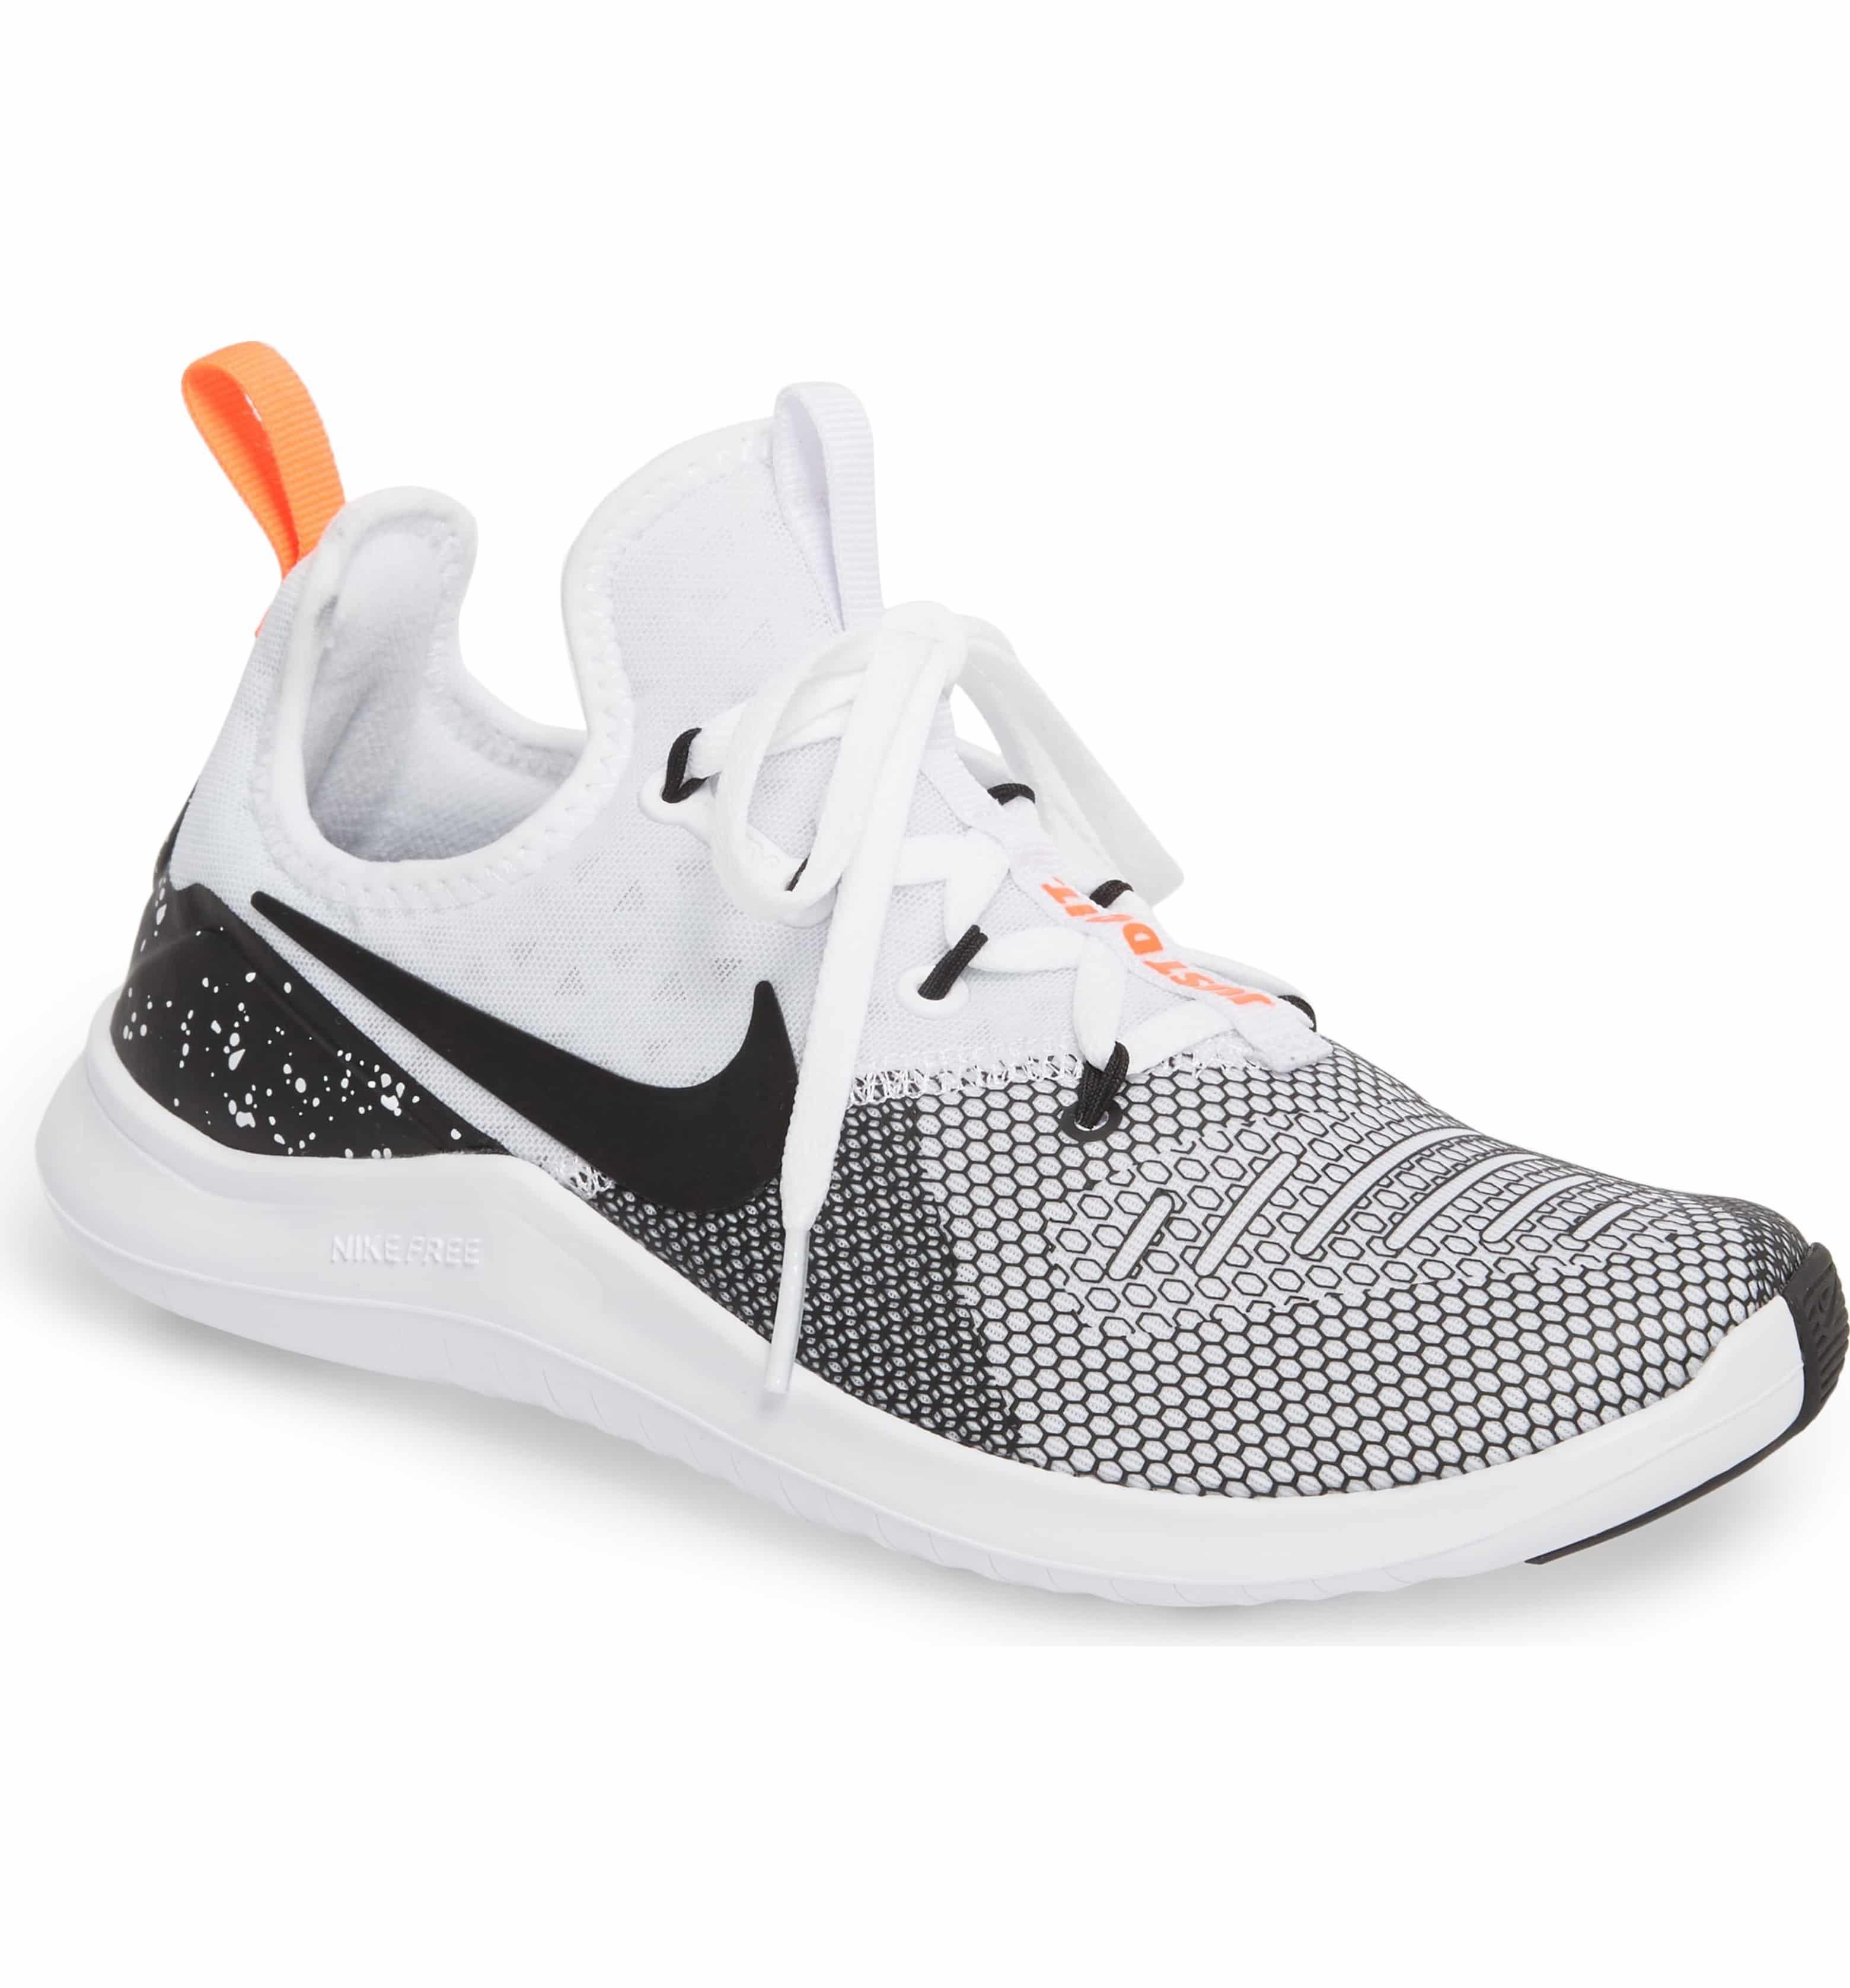 37aeeeab63c1 Free TR8 Training Shoe